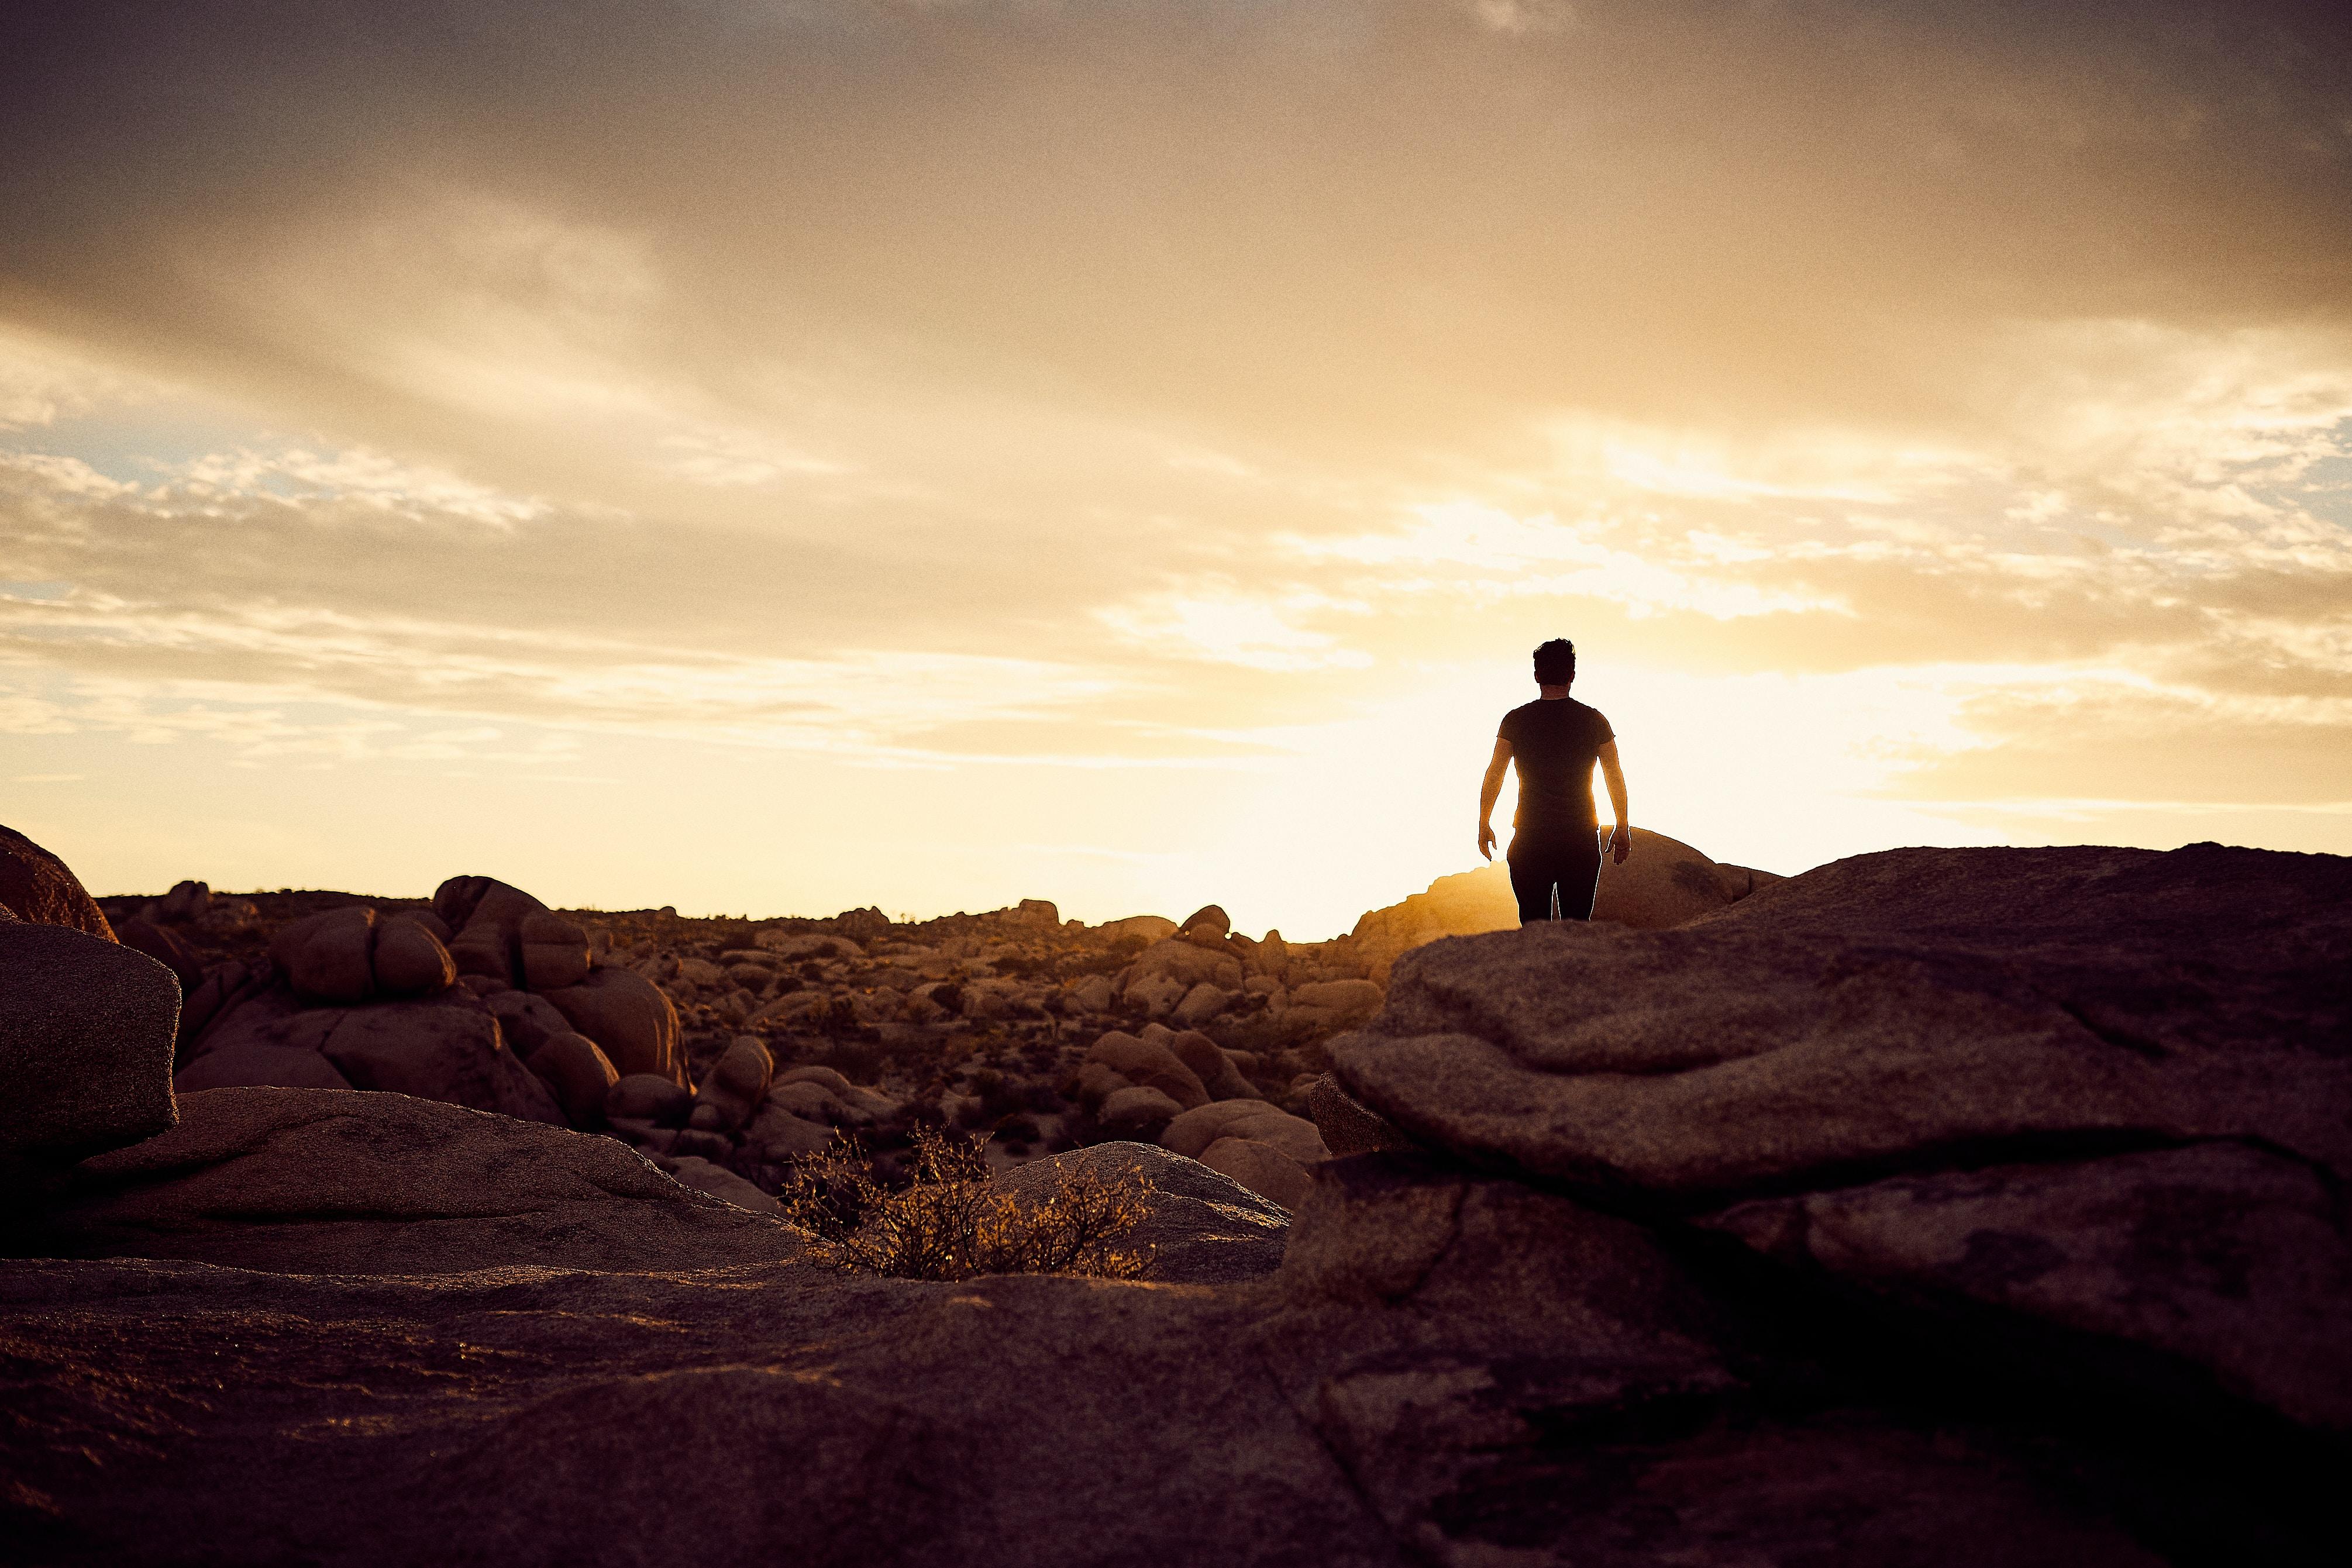 man walking on gray rocks under yellow sky during daytime